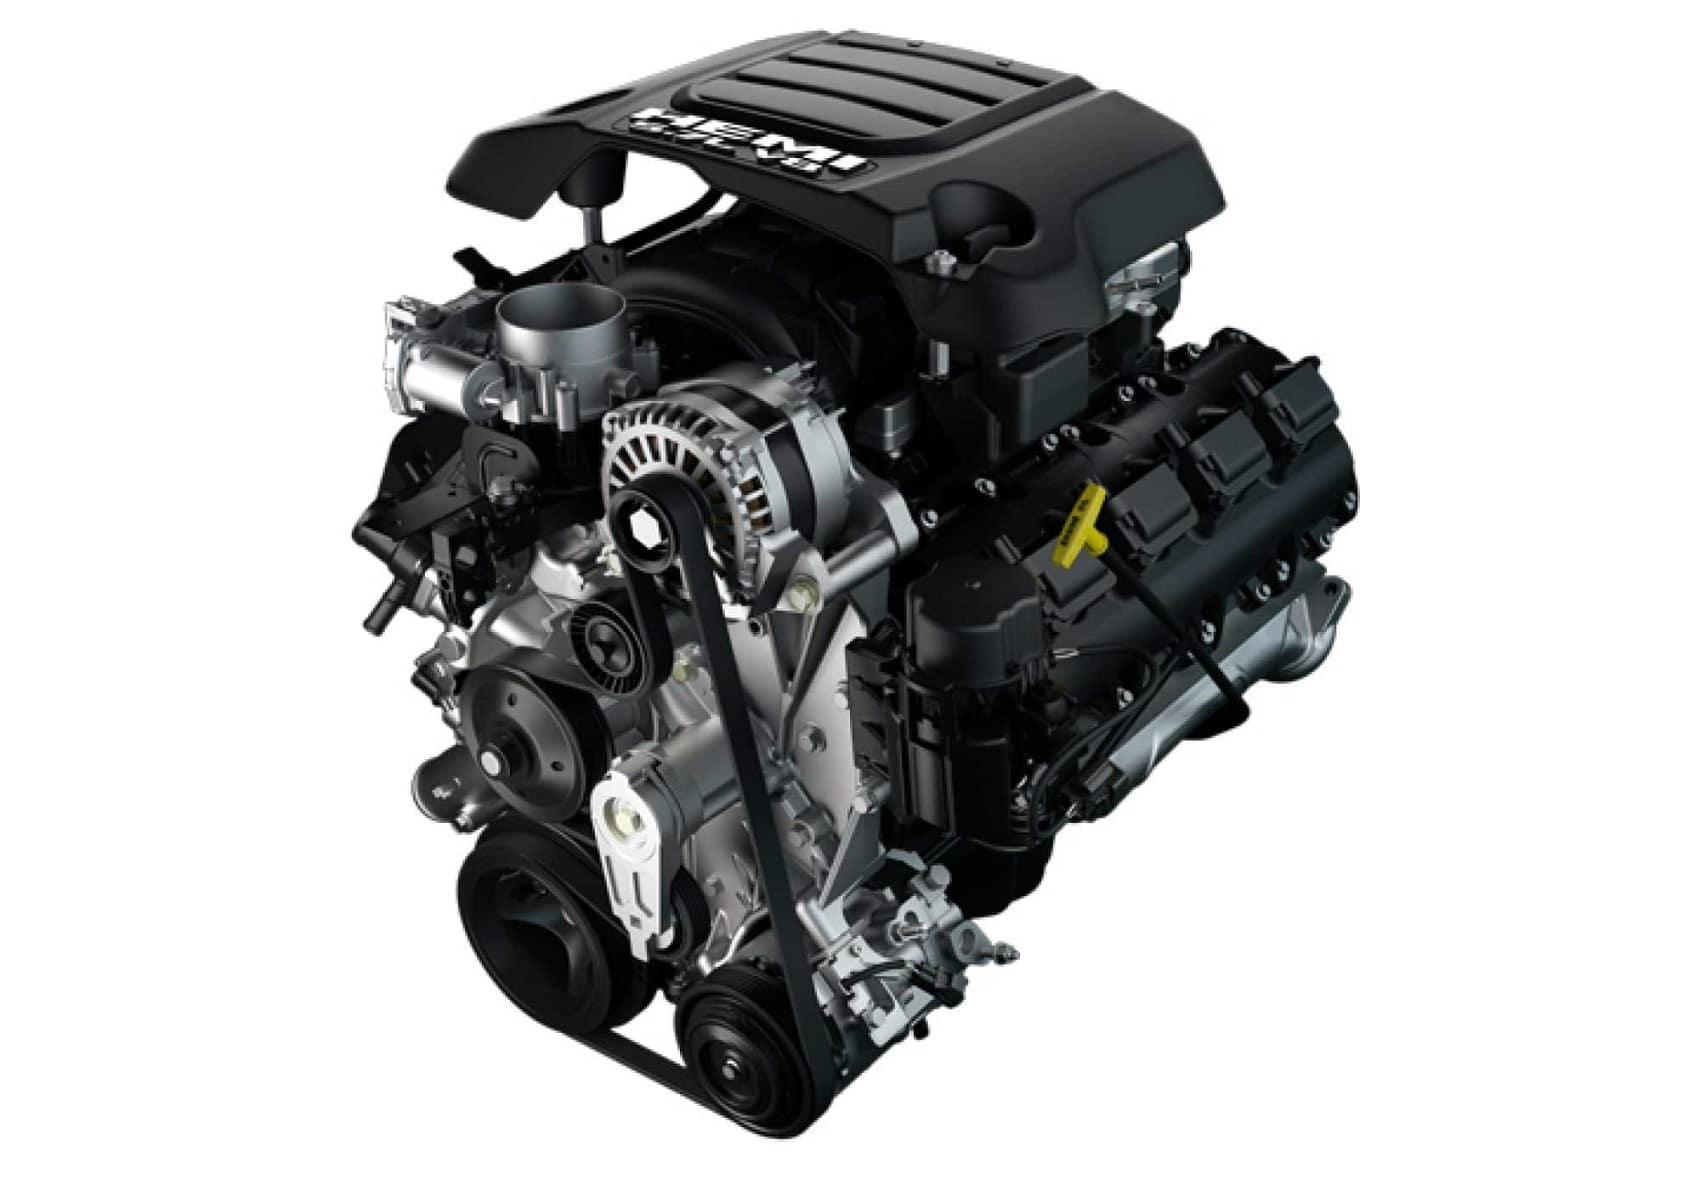 5.7L HEMI V8 Chicago, IL